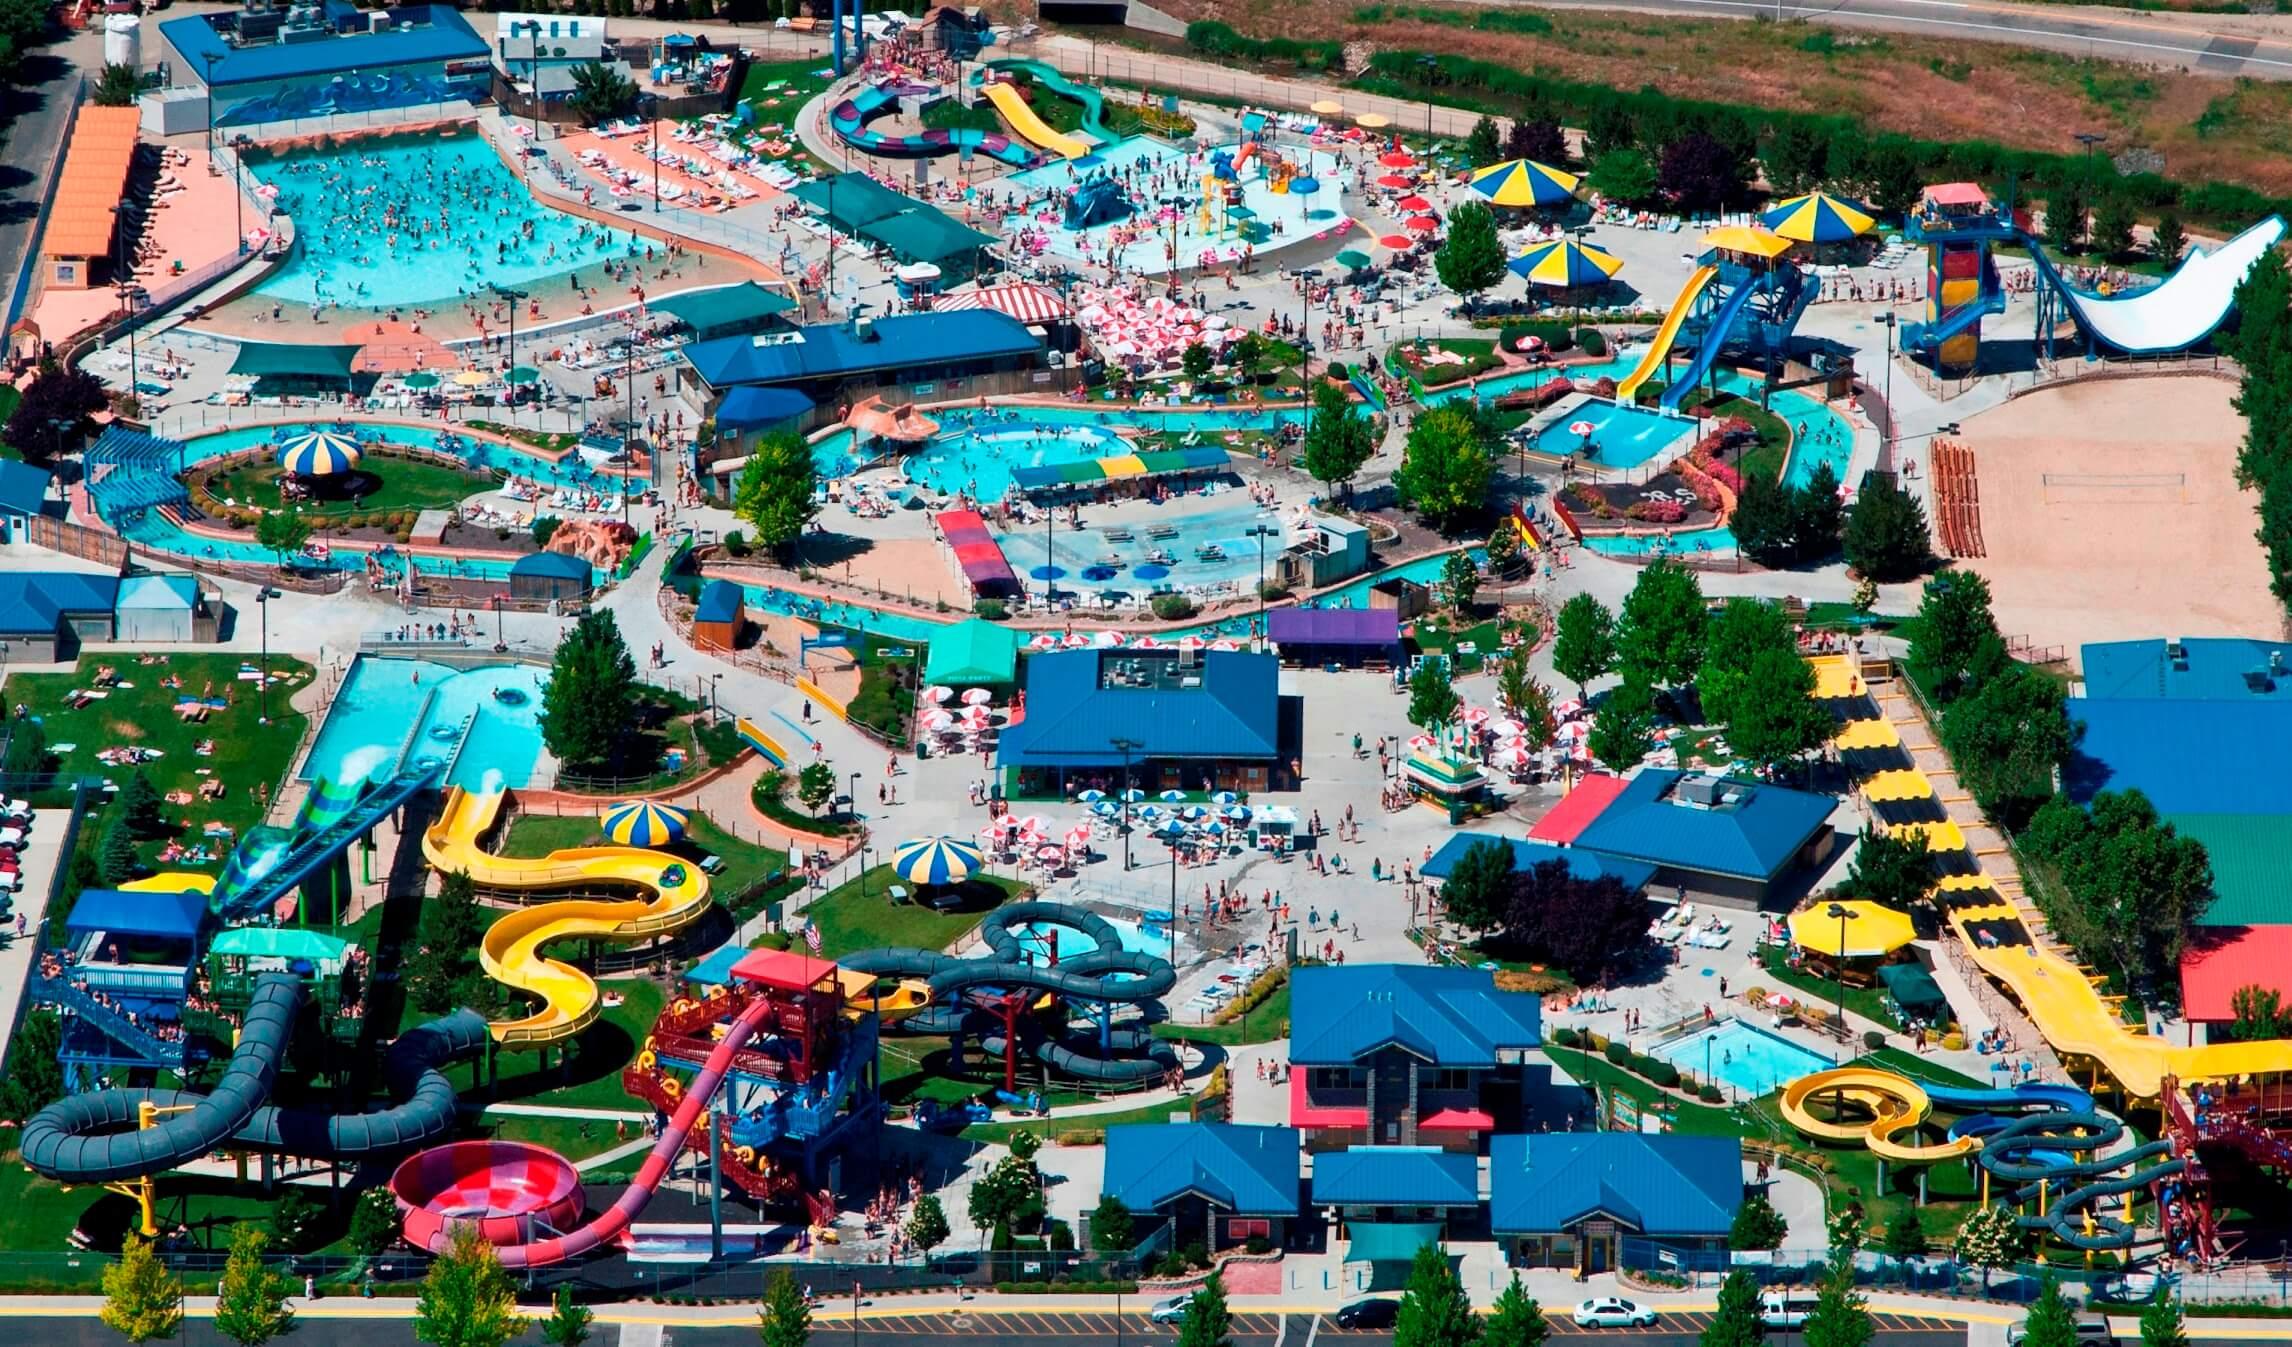 Roaring Springs Waterpark Visit Idaho